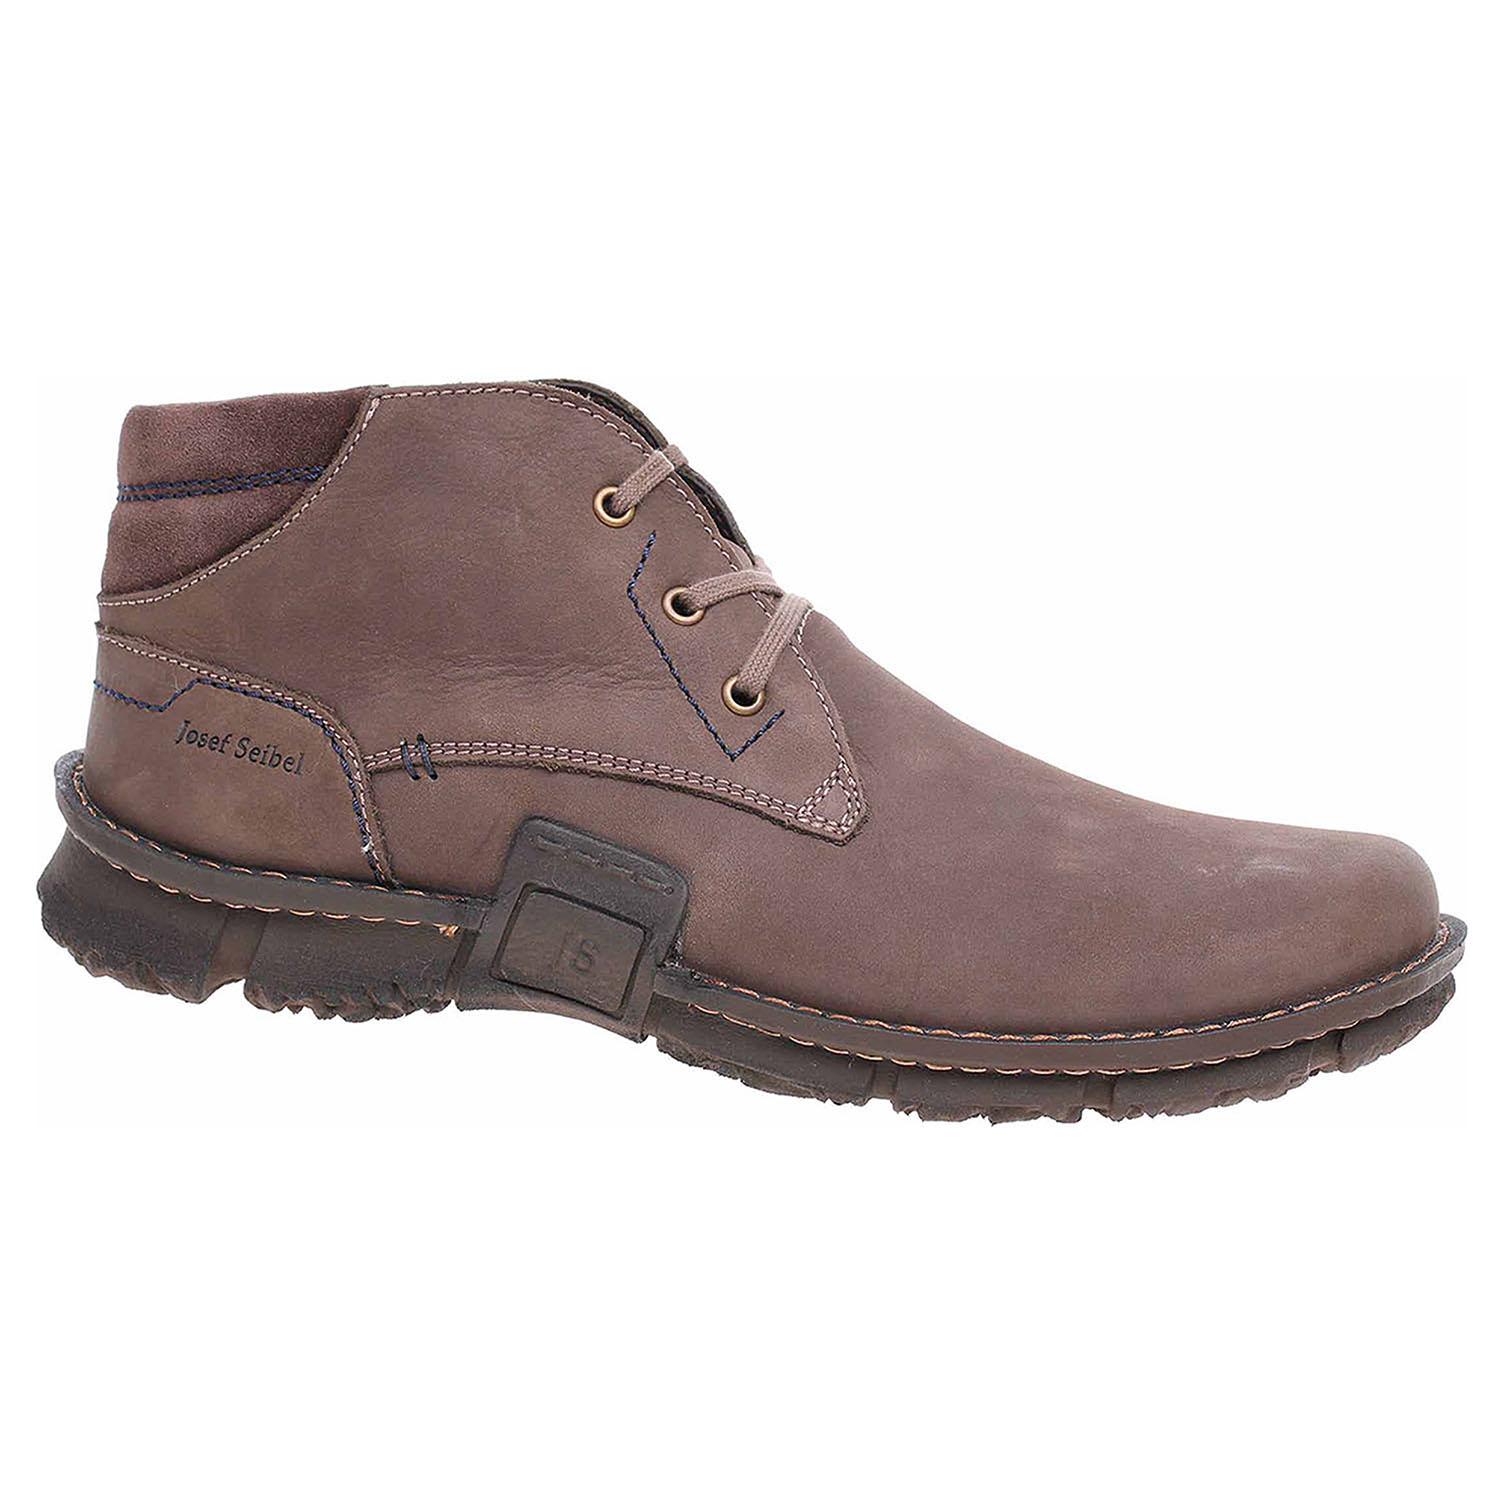 Pánská kotníková obuv Josef Seibel 14147 MA994261 vulcano-kombi 14147 MA994261 42